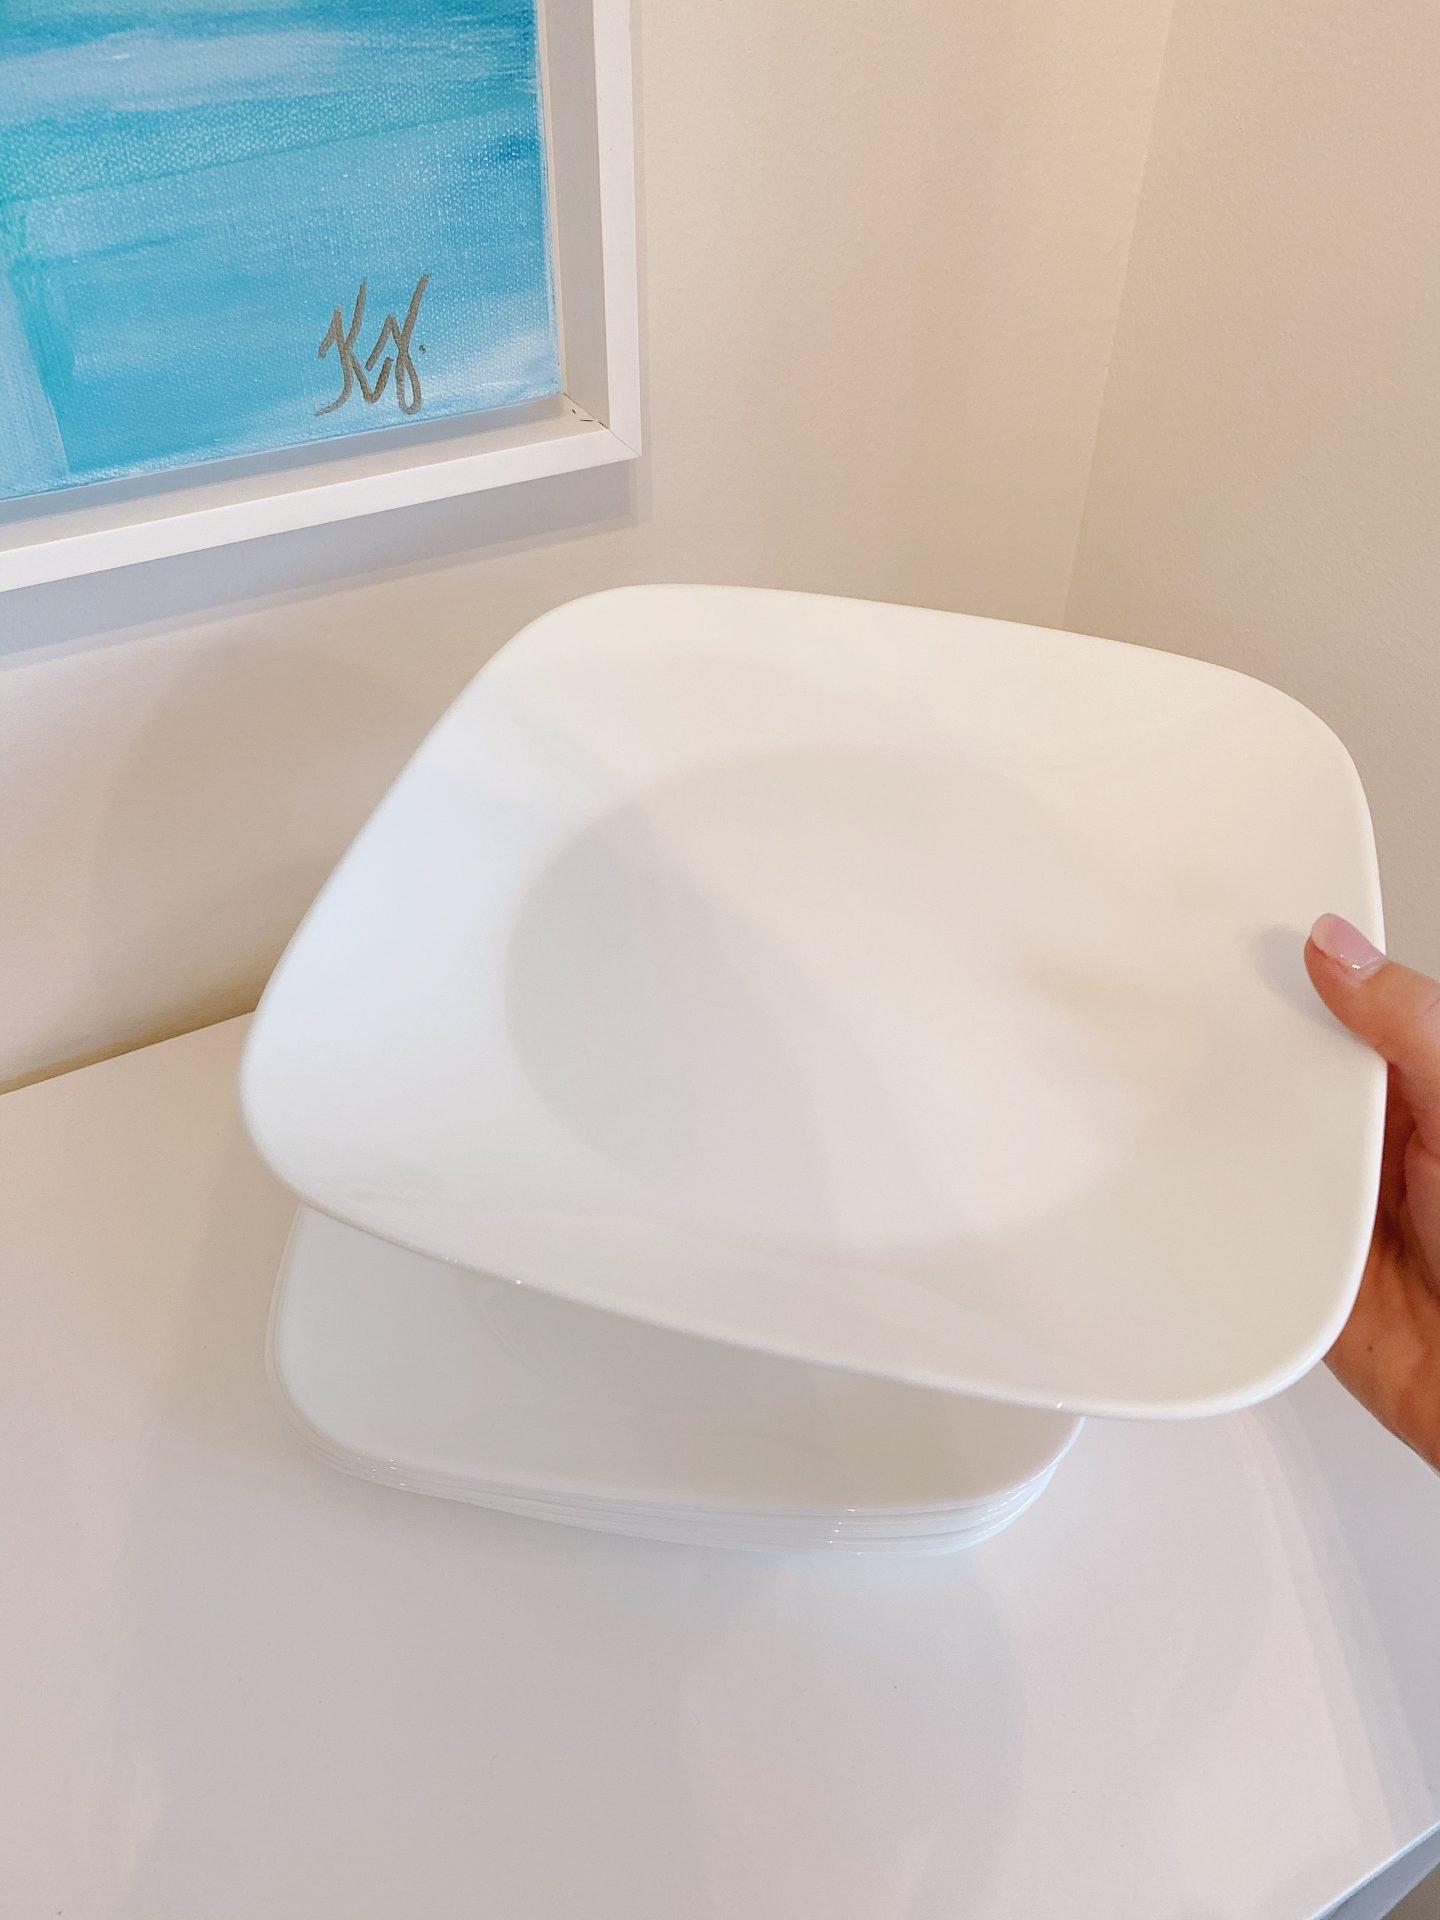 Amazon Prime Home Décor Finds White Plastic Plates